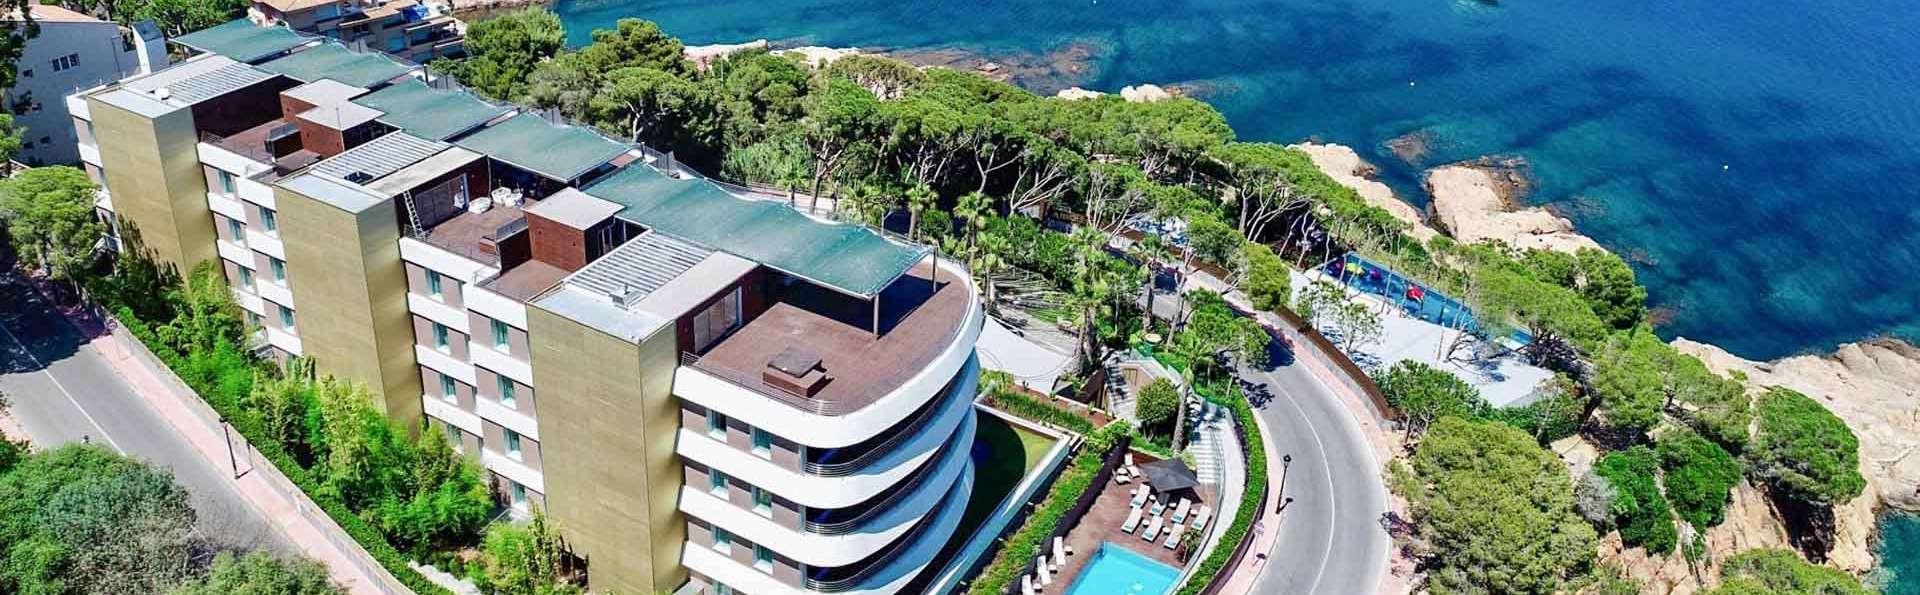 Exclusividad total en un lujoso 5* en la bahía de Sant Feliu de Guíxols, con circuito spa incluido